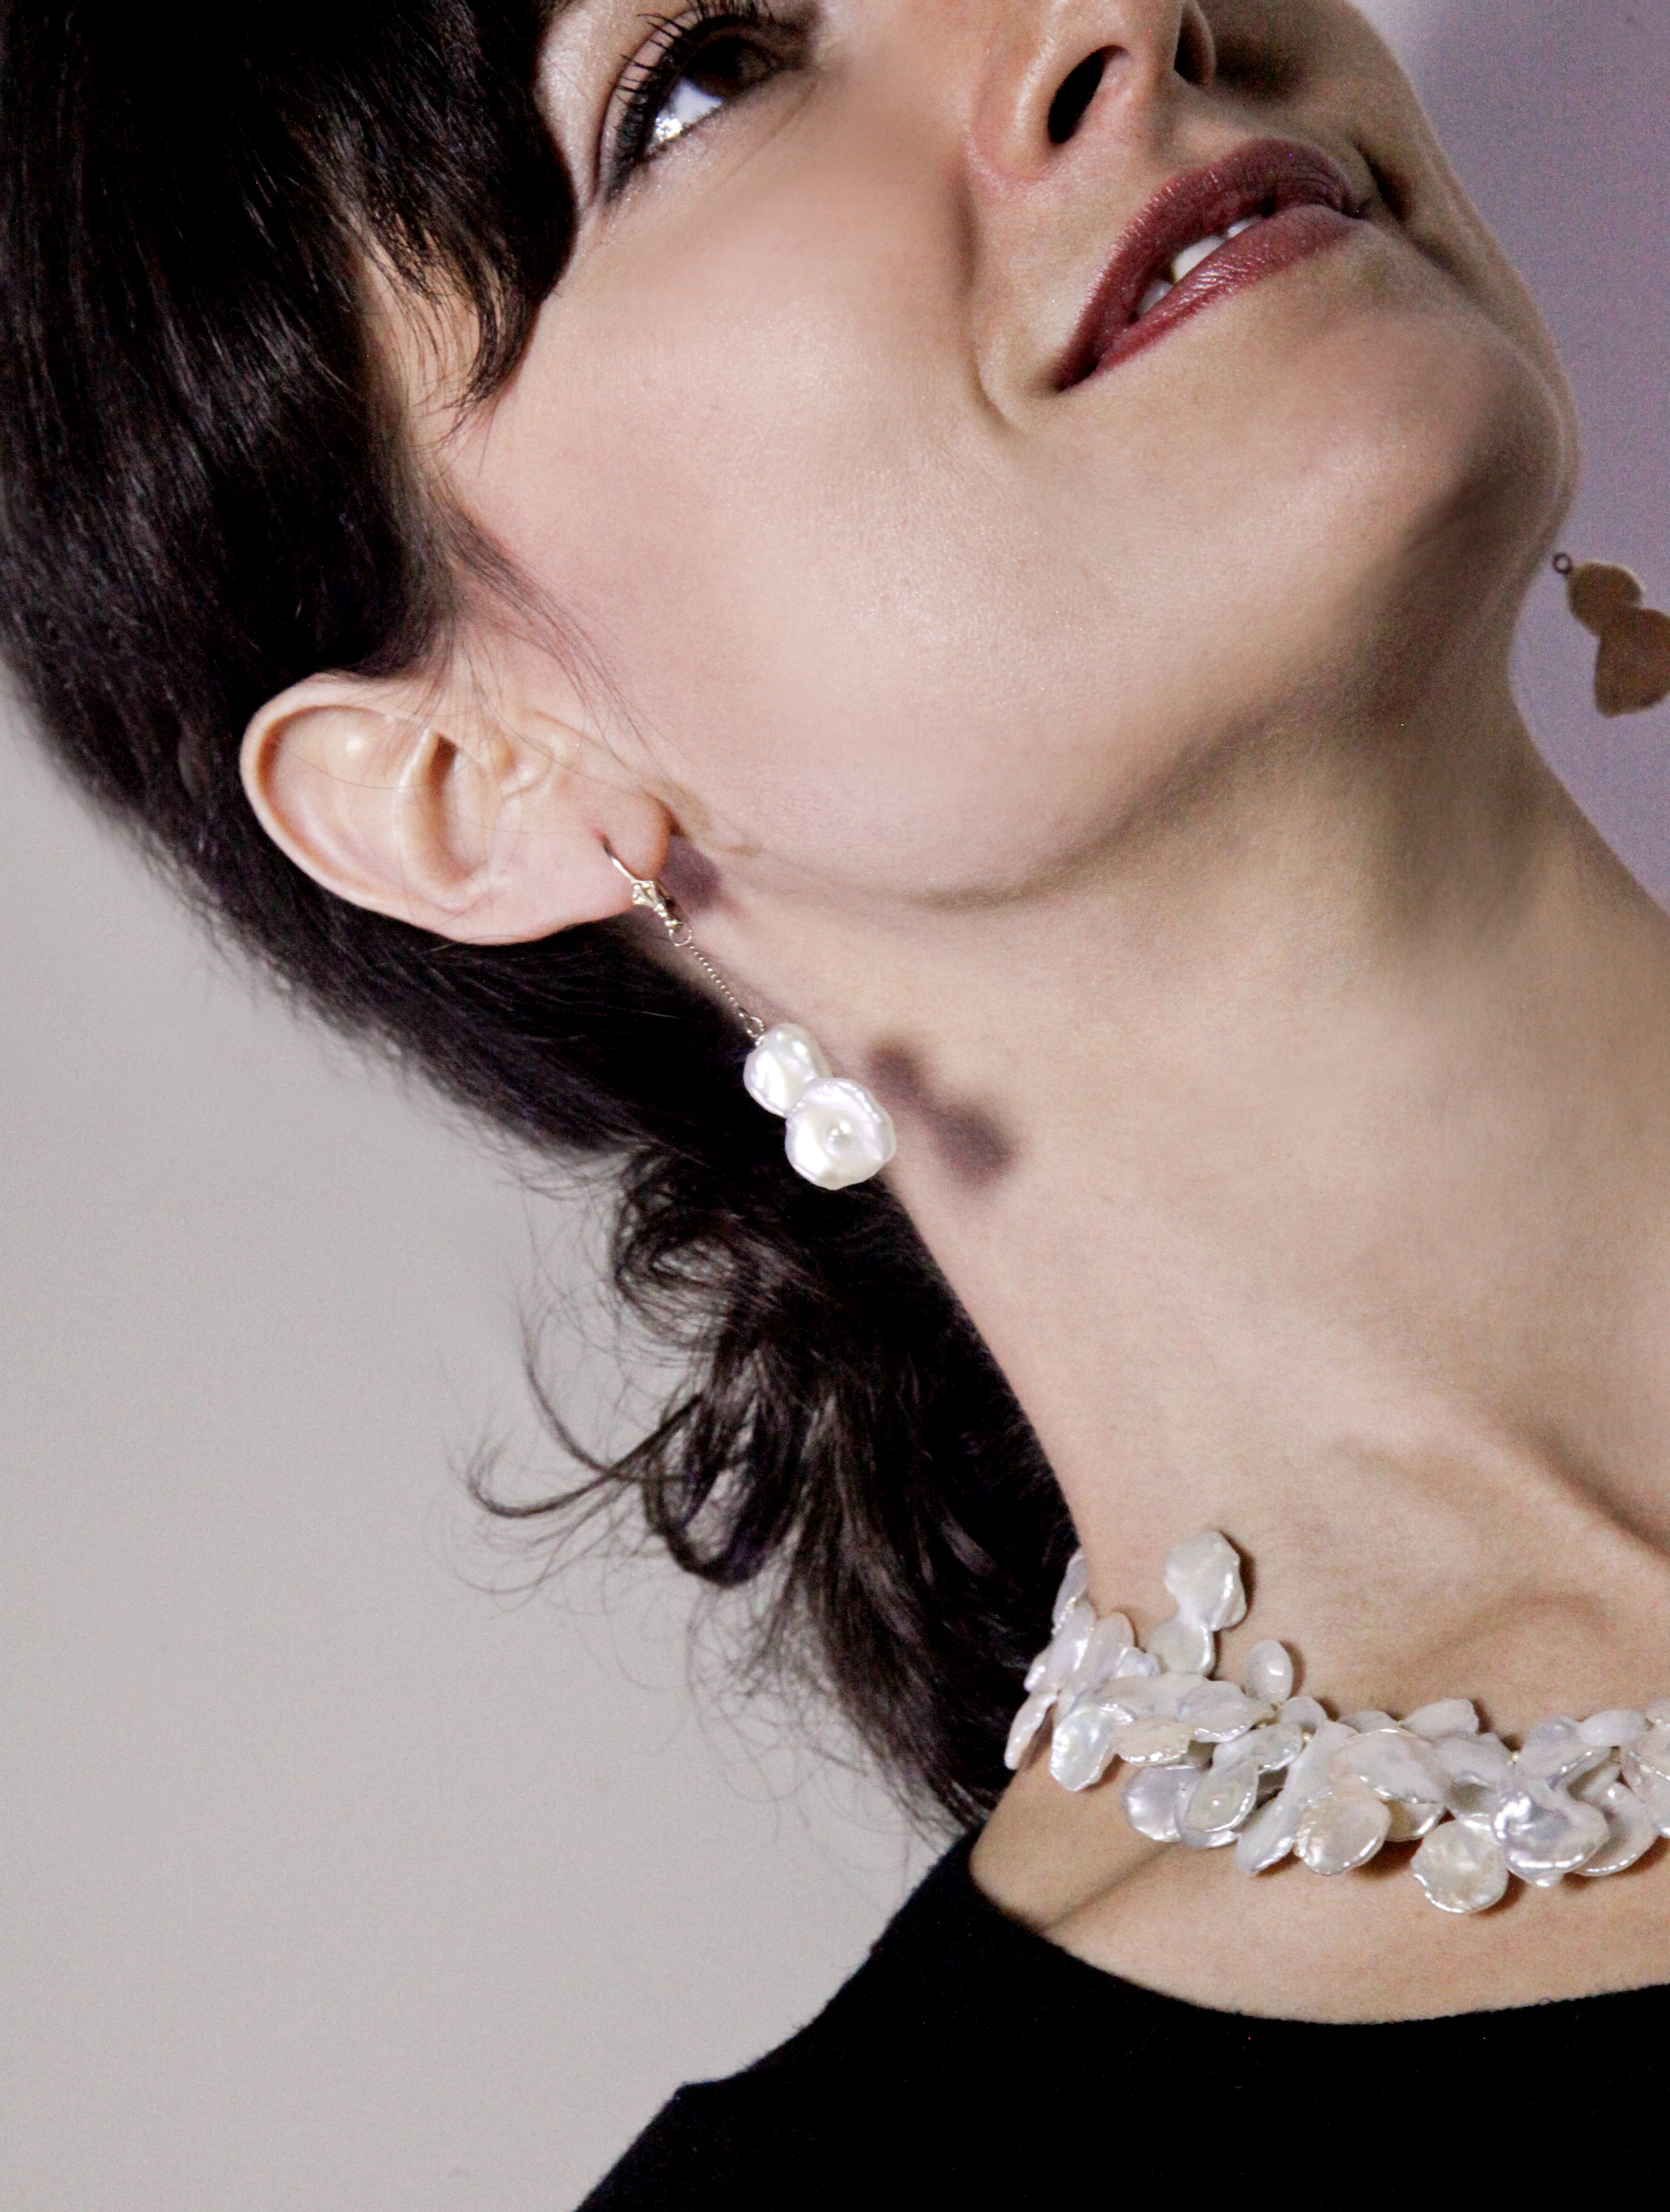 Rachel-fluffy petal pearls & earrings